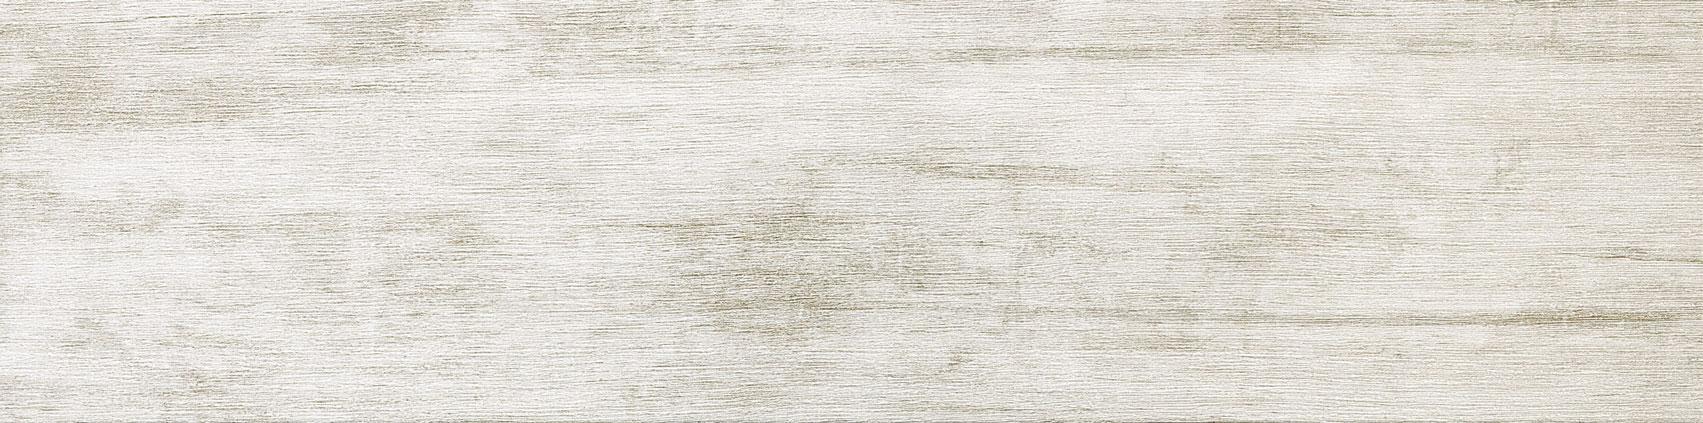 Tubadzin TIMBRE RUSTIC MAPLE White 89,8×22,3